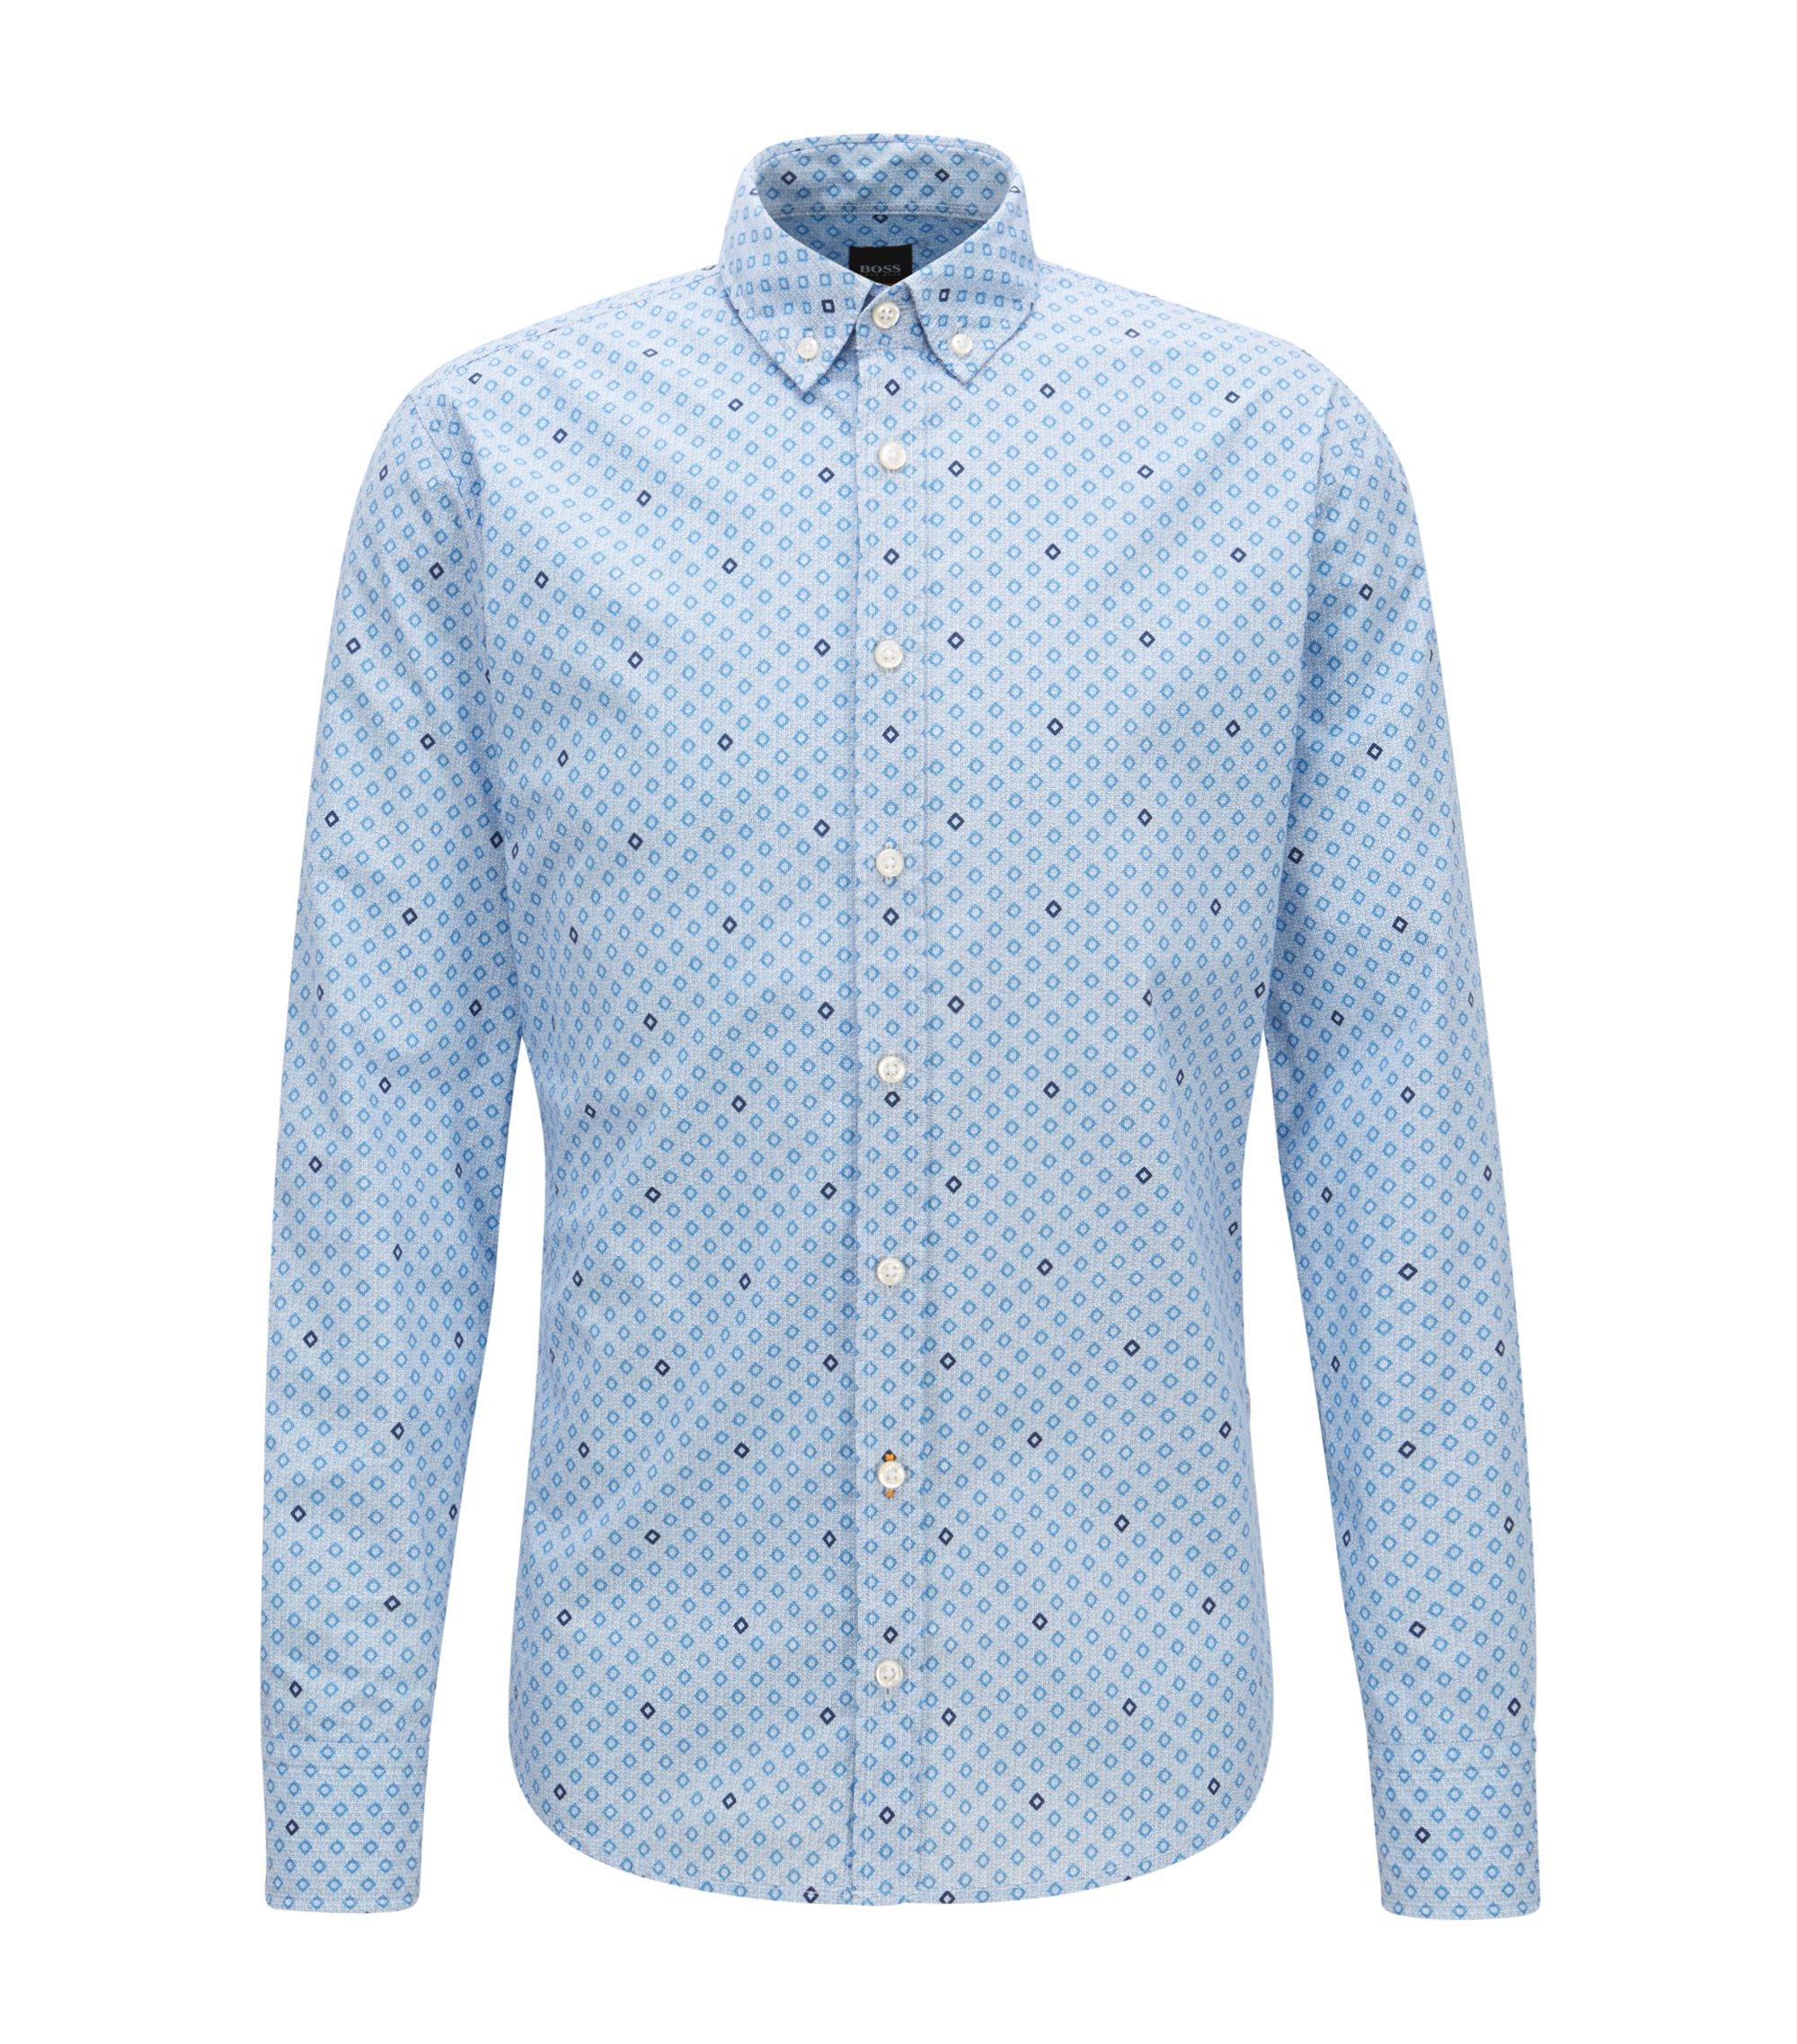 Camicia slim fit in cotone con stampa geometrica, Celeste